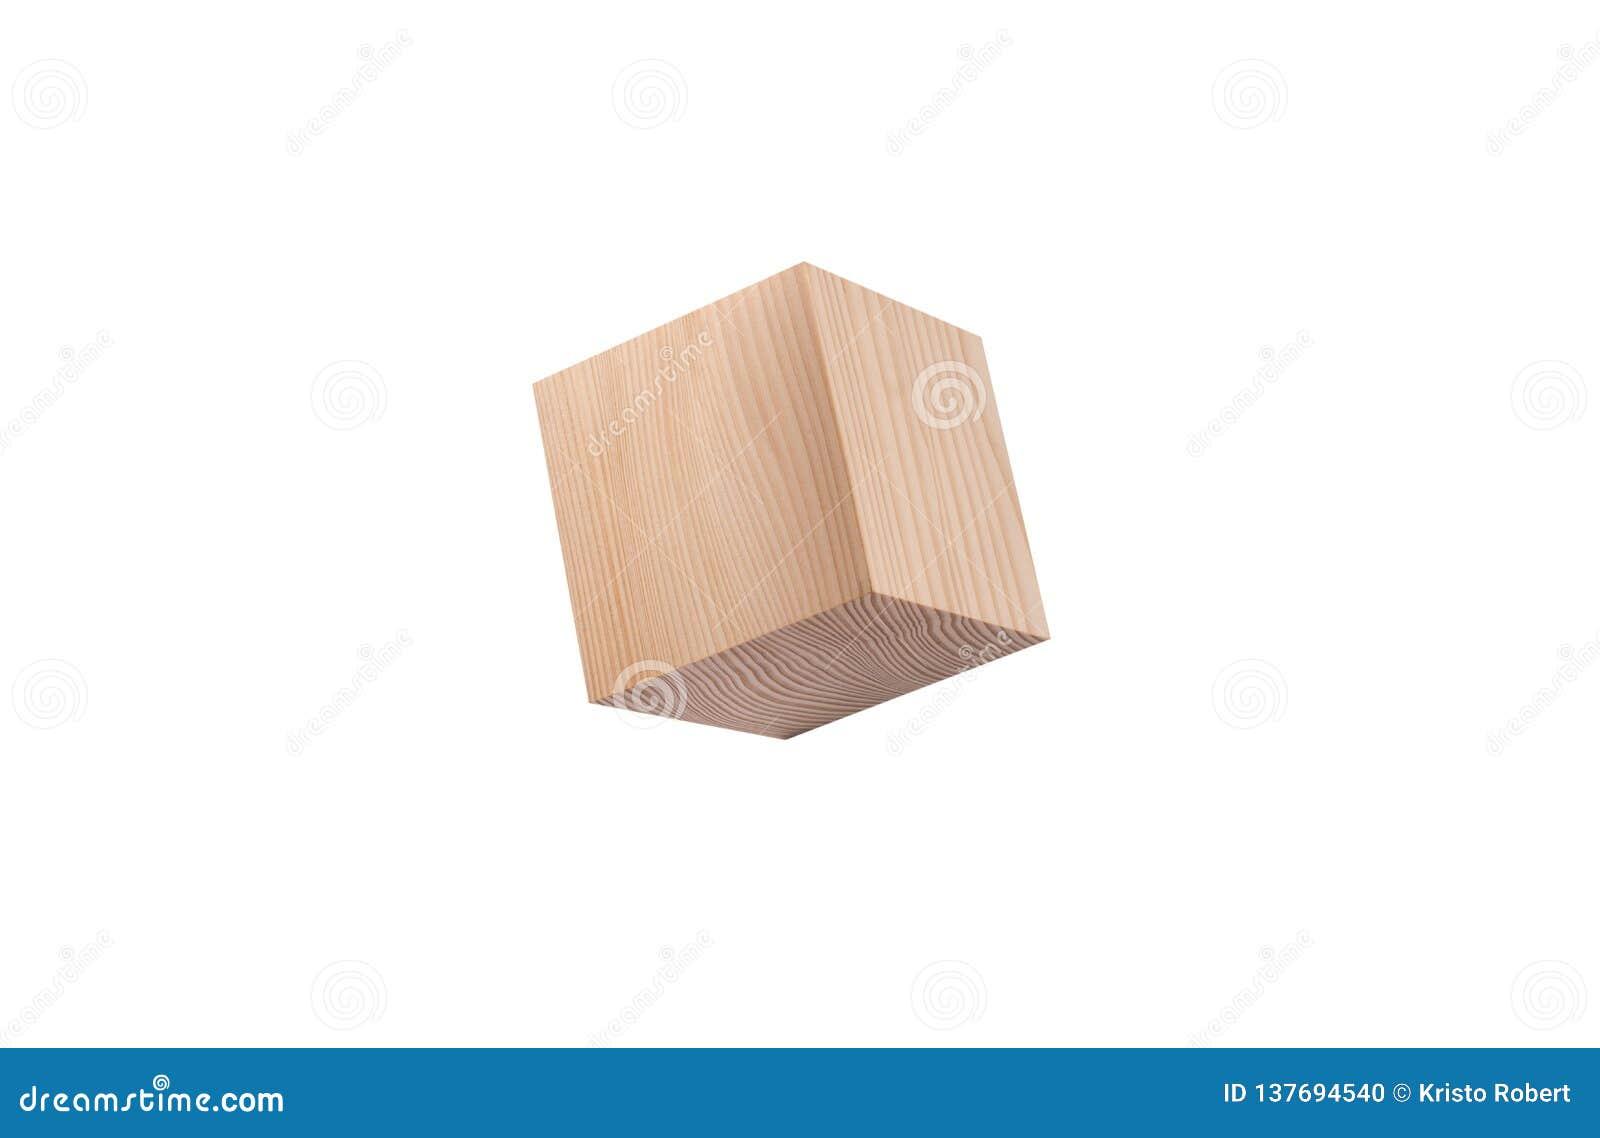 Sosnowy drewniany sześcian